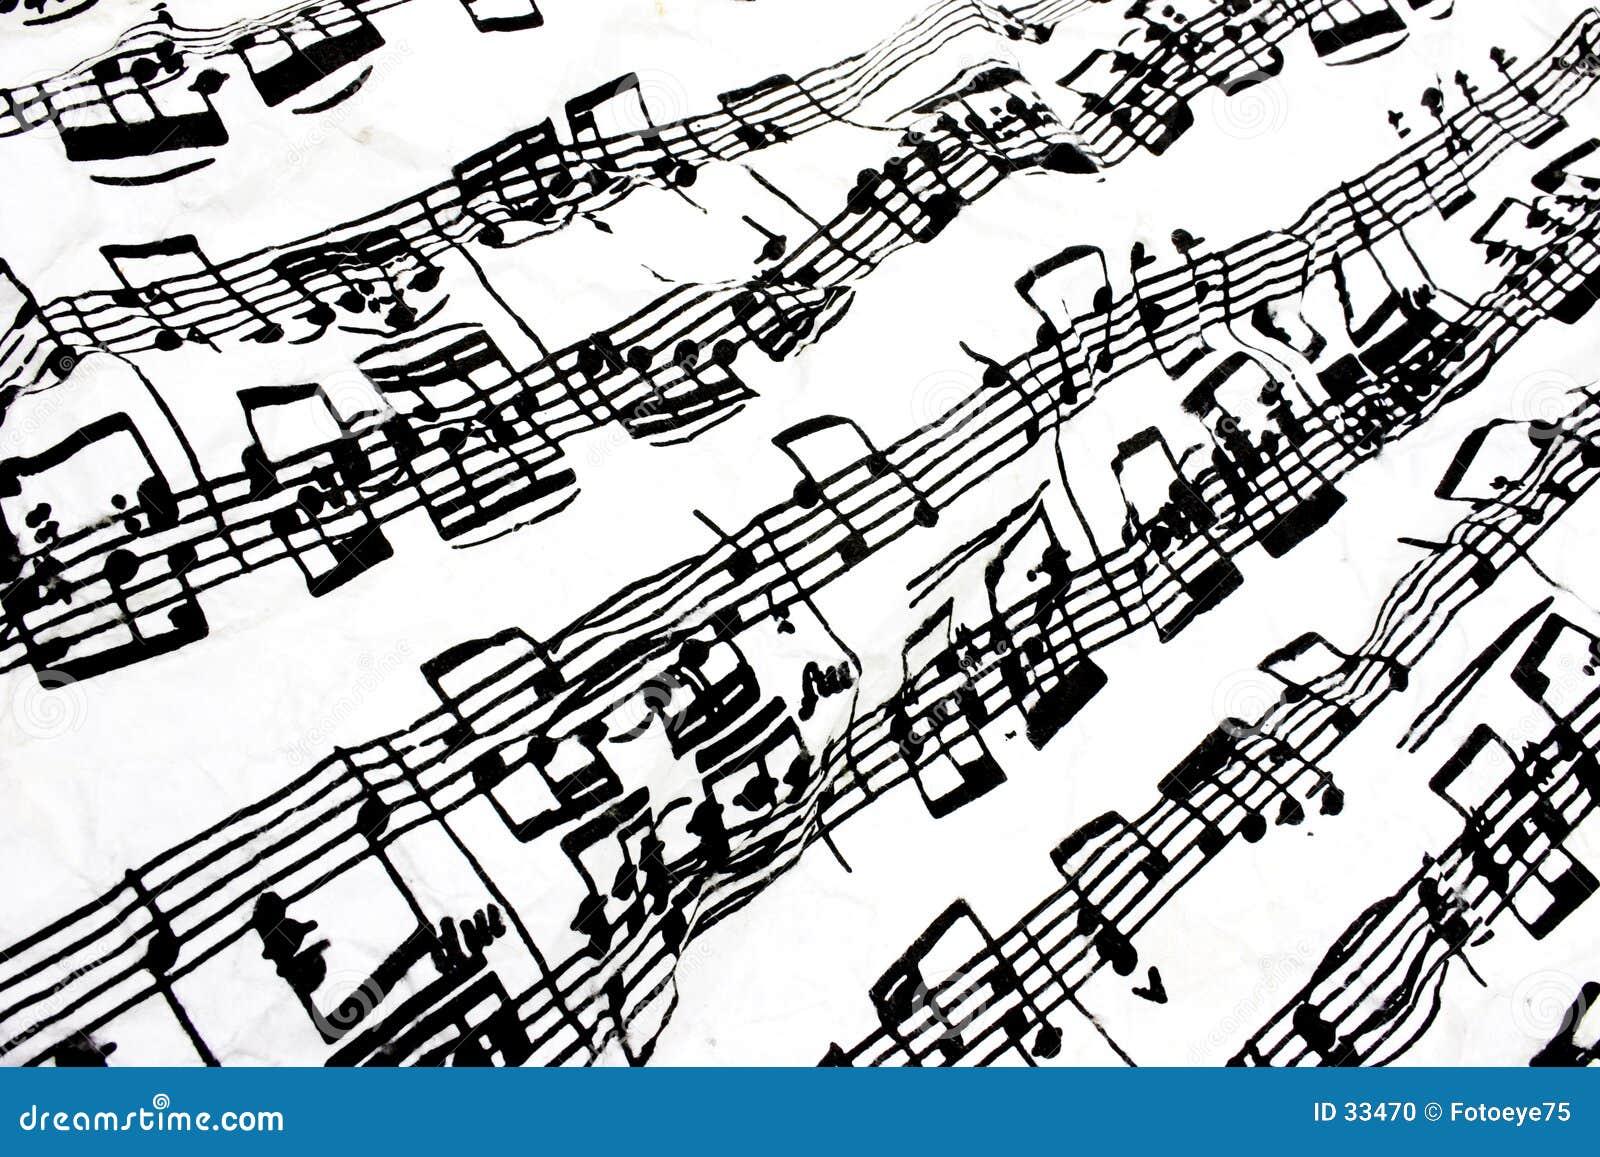 Flowing sheet music